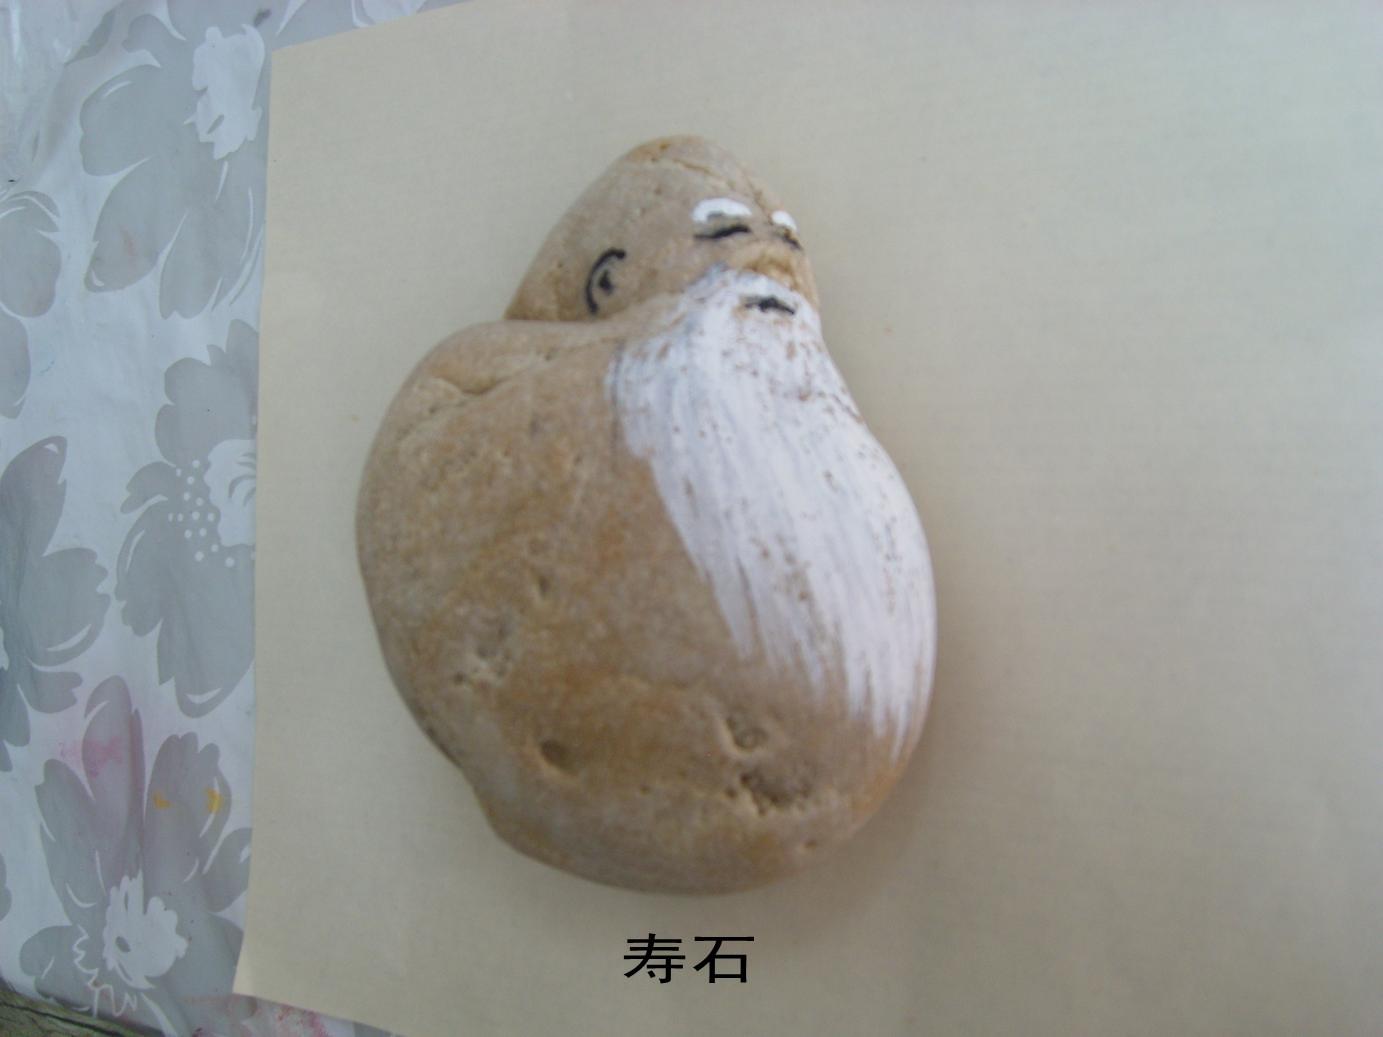 石头画图片大全_纯手工绘制【我画的手绘石头画创意石头工艺趣画